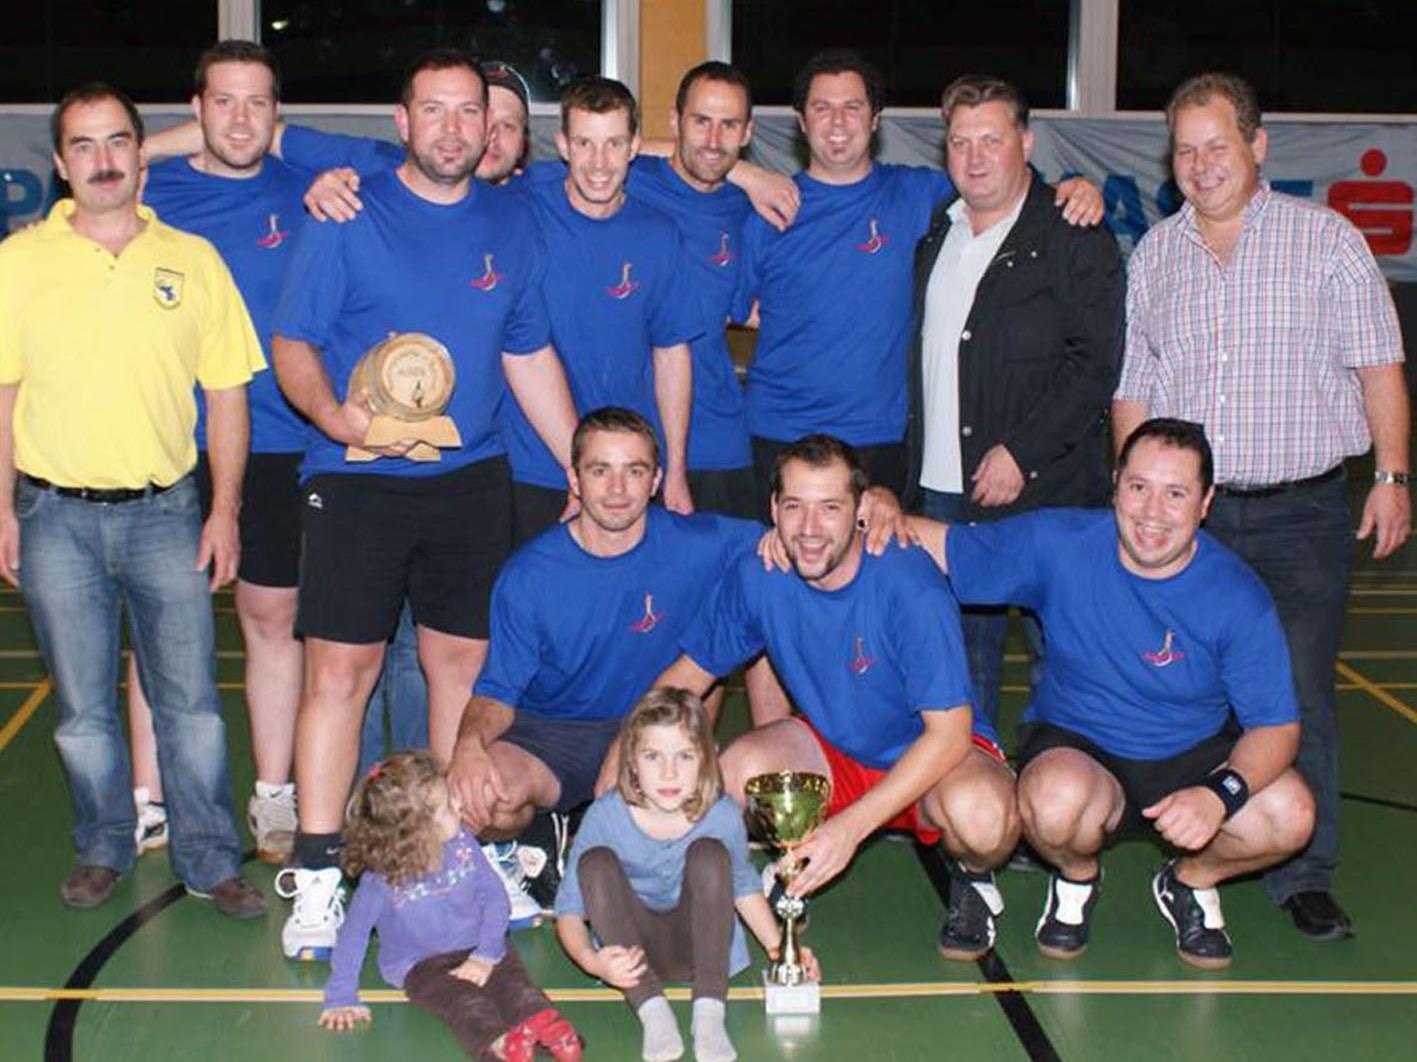 Die Galgenbrüder feierten beim Auner 12. Fsnatzünfteturnier den 3. Turniersieg in Folge.